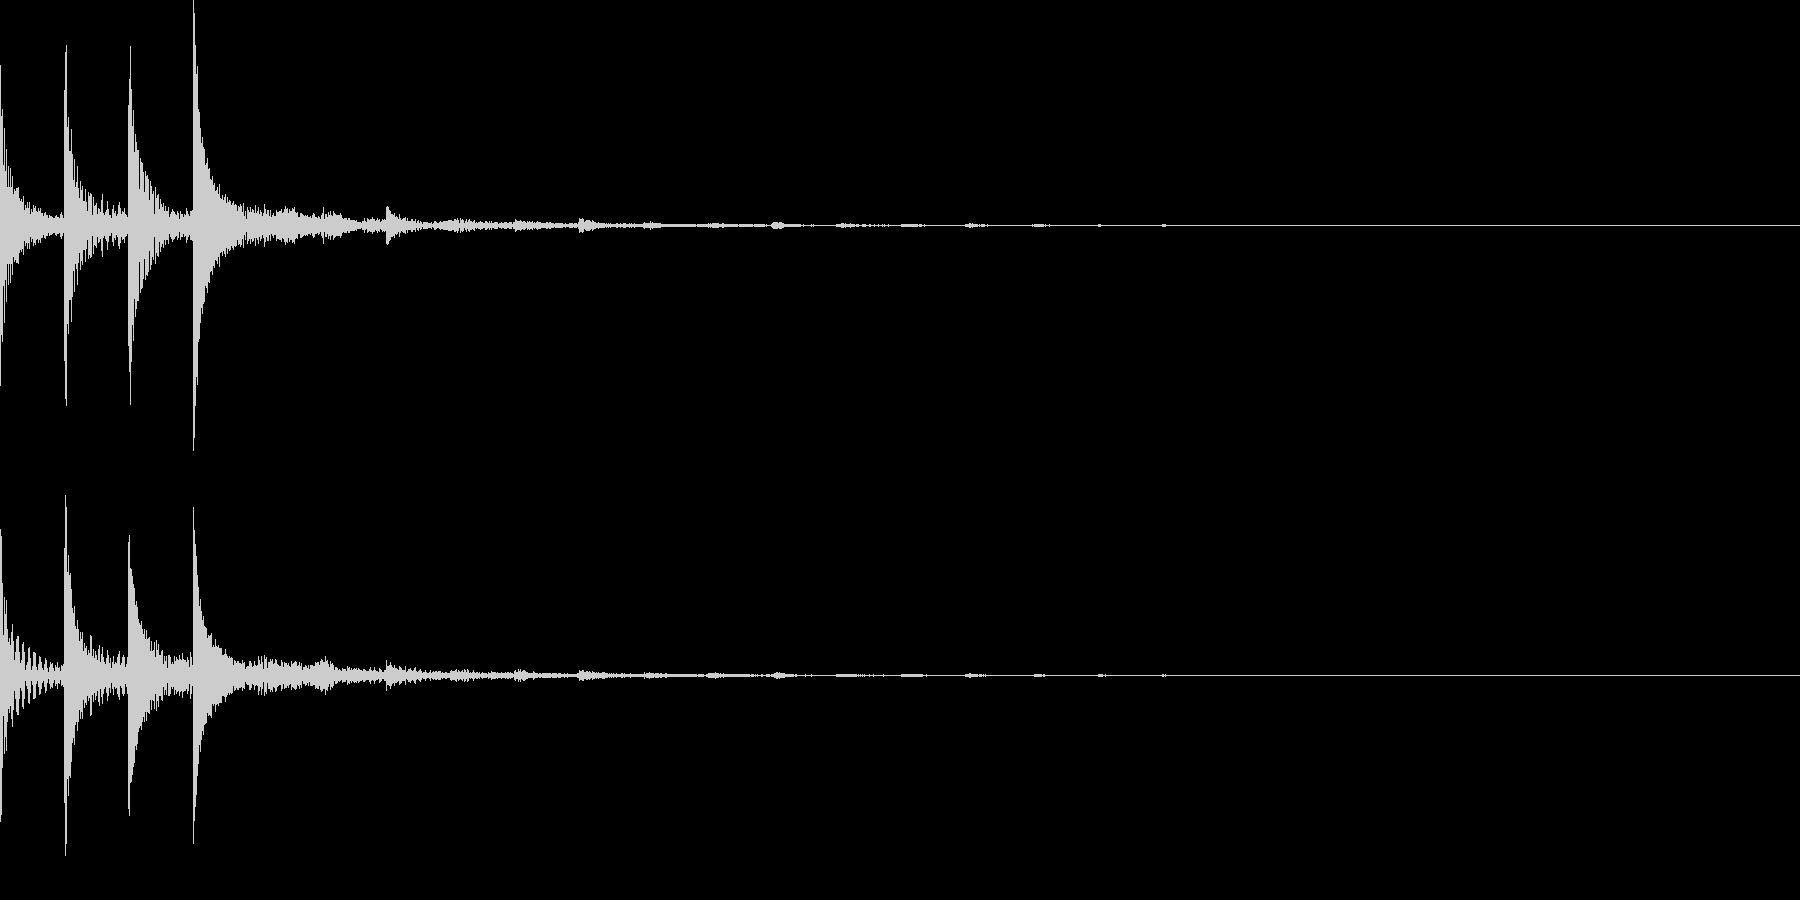 ピコポコ(テクノ宇宙SF/アイキャッチの未再生の波形